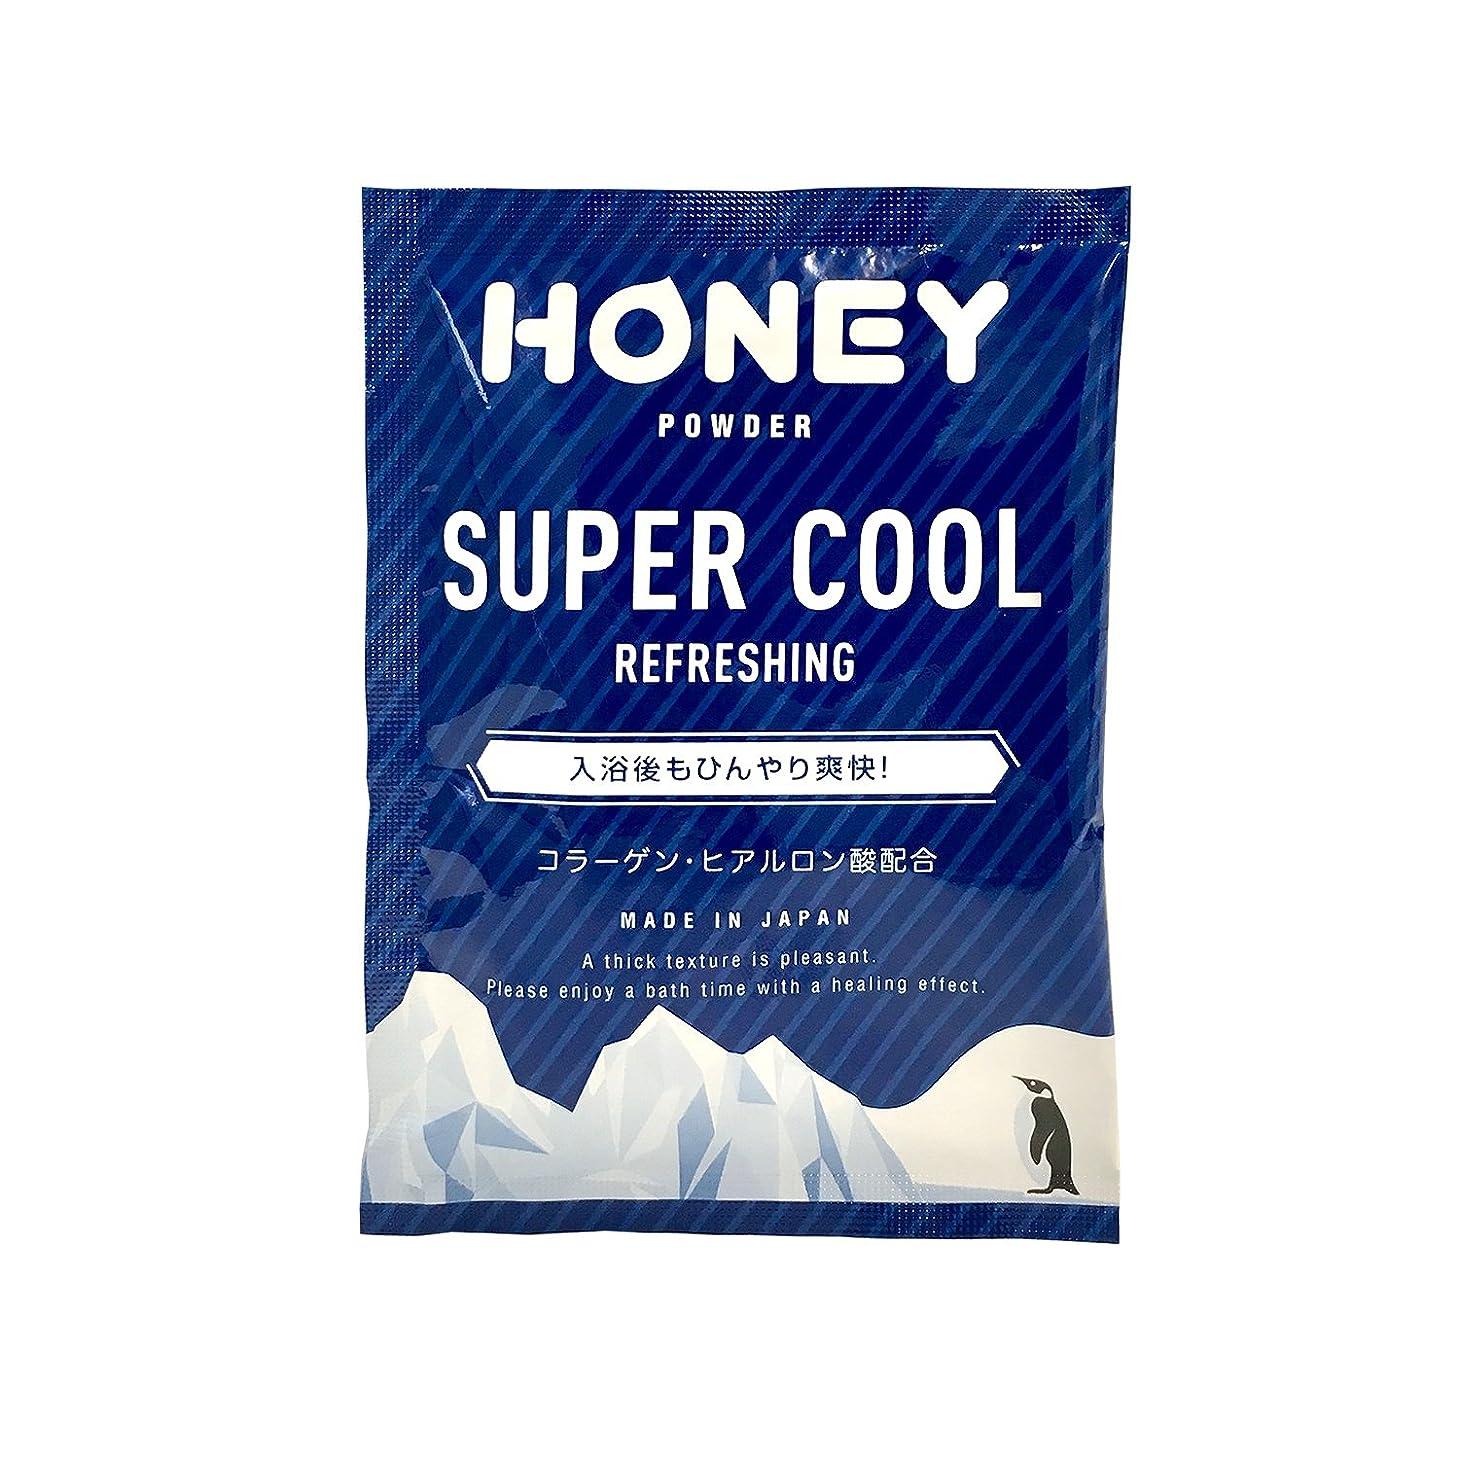 ワット子供達トイレとろとろ入浴剤【honey powder】(ハニーパウダー) 2個セット スーパークール 粉末タイプ ローション